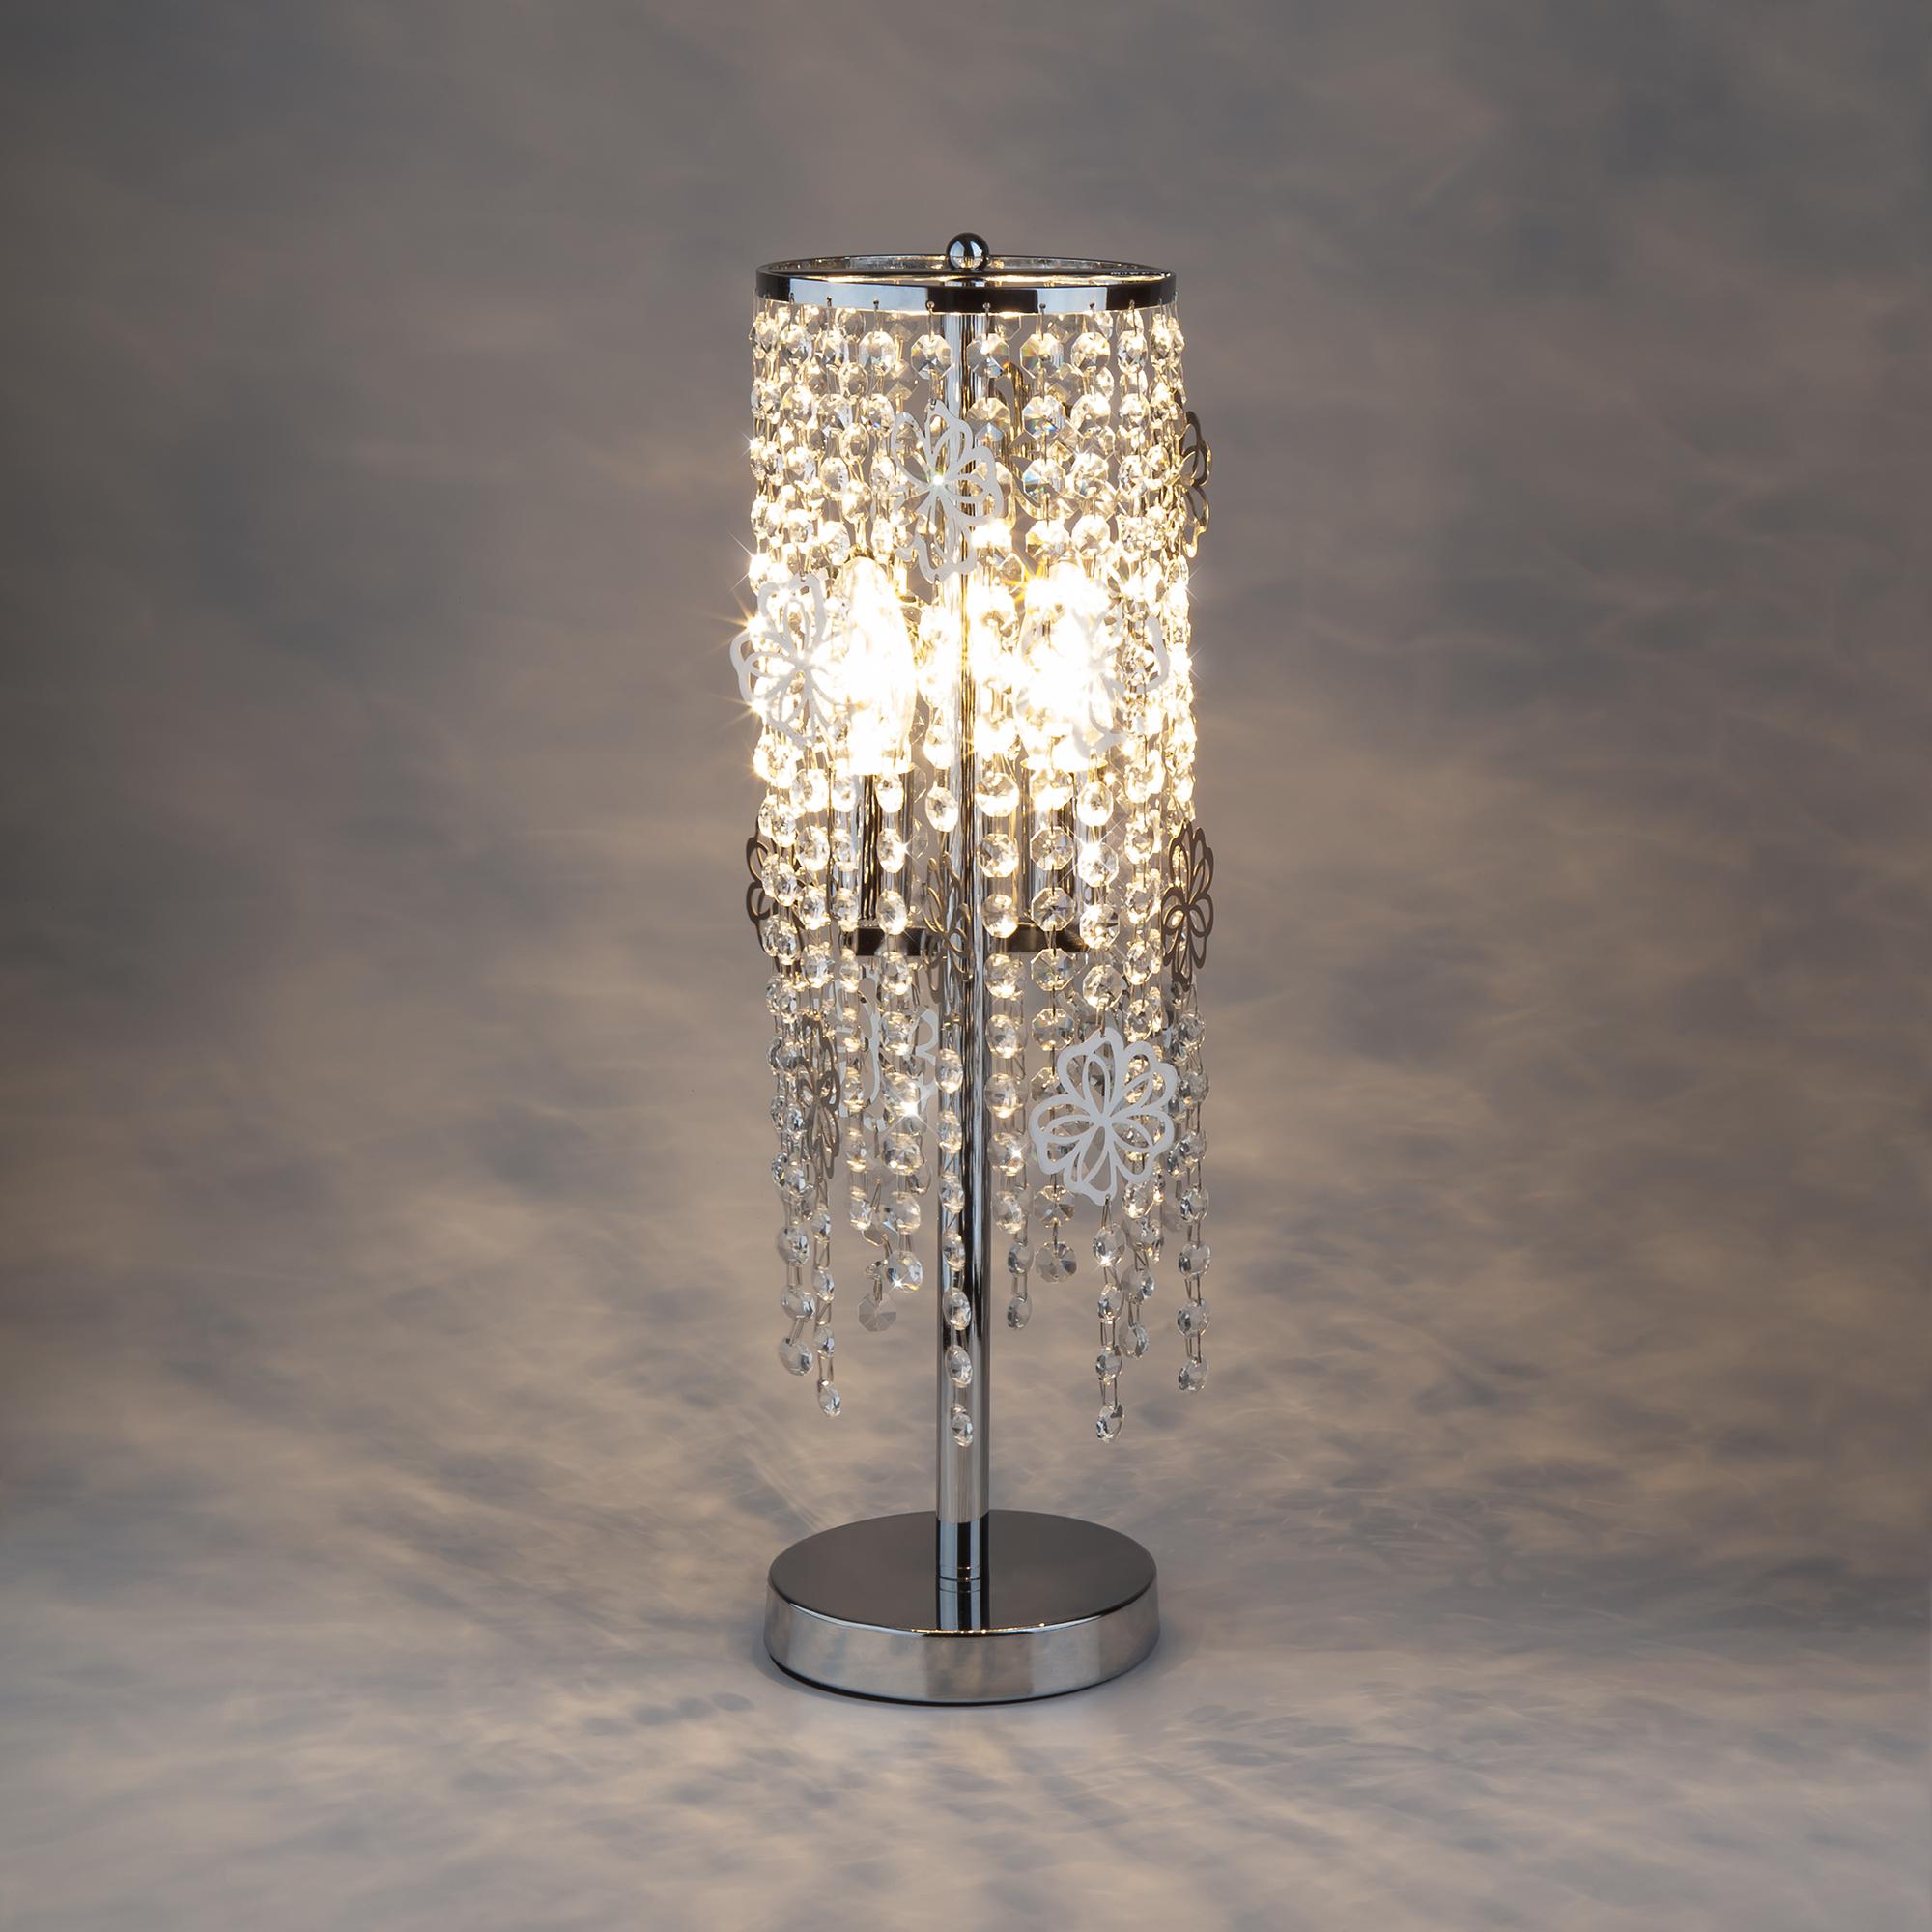 Недорогие настольные лампы Купить настольную лампу